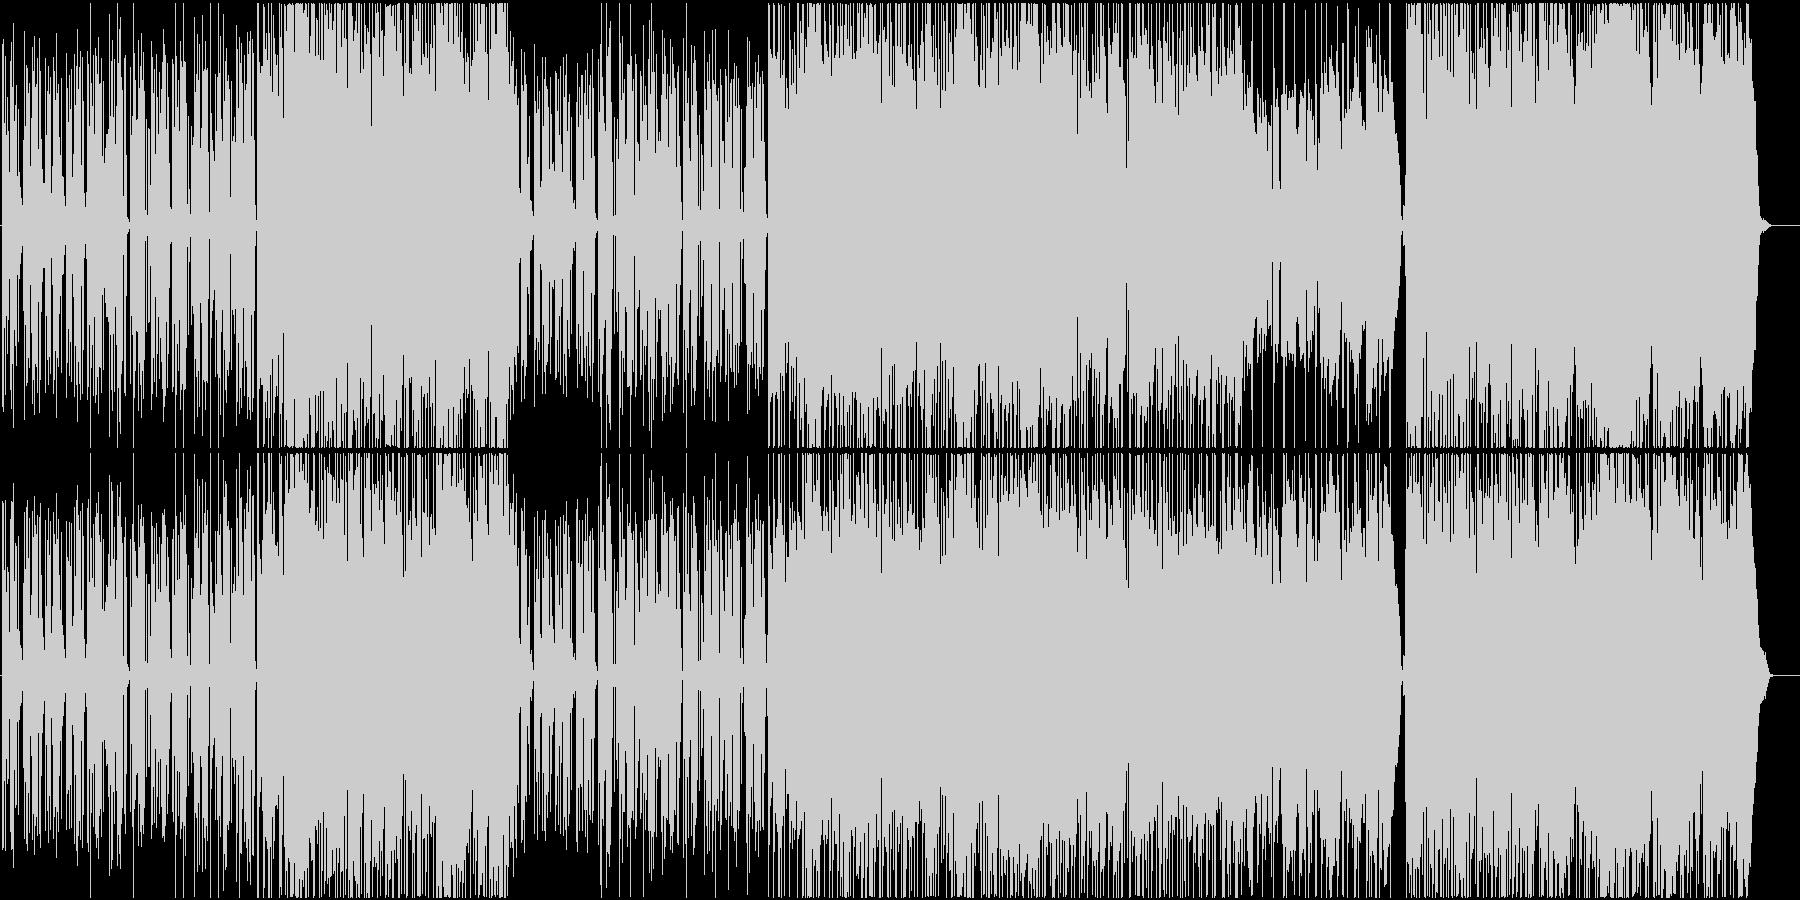 女性ボーカルの雨の似合うポップの未再生の波形